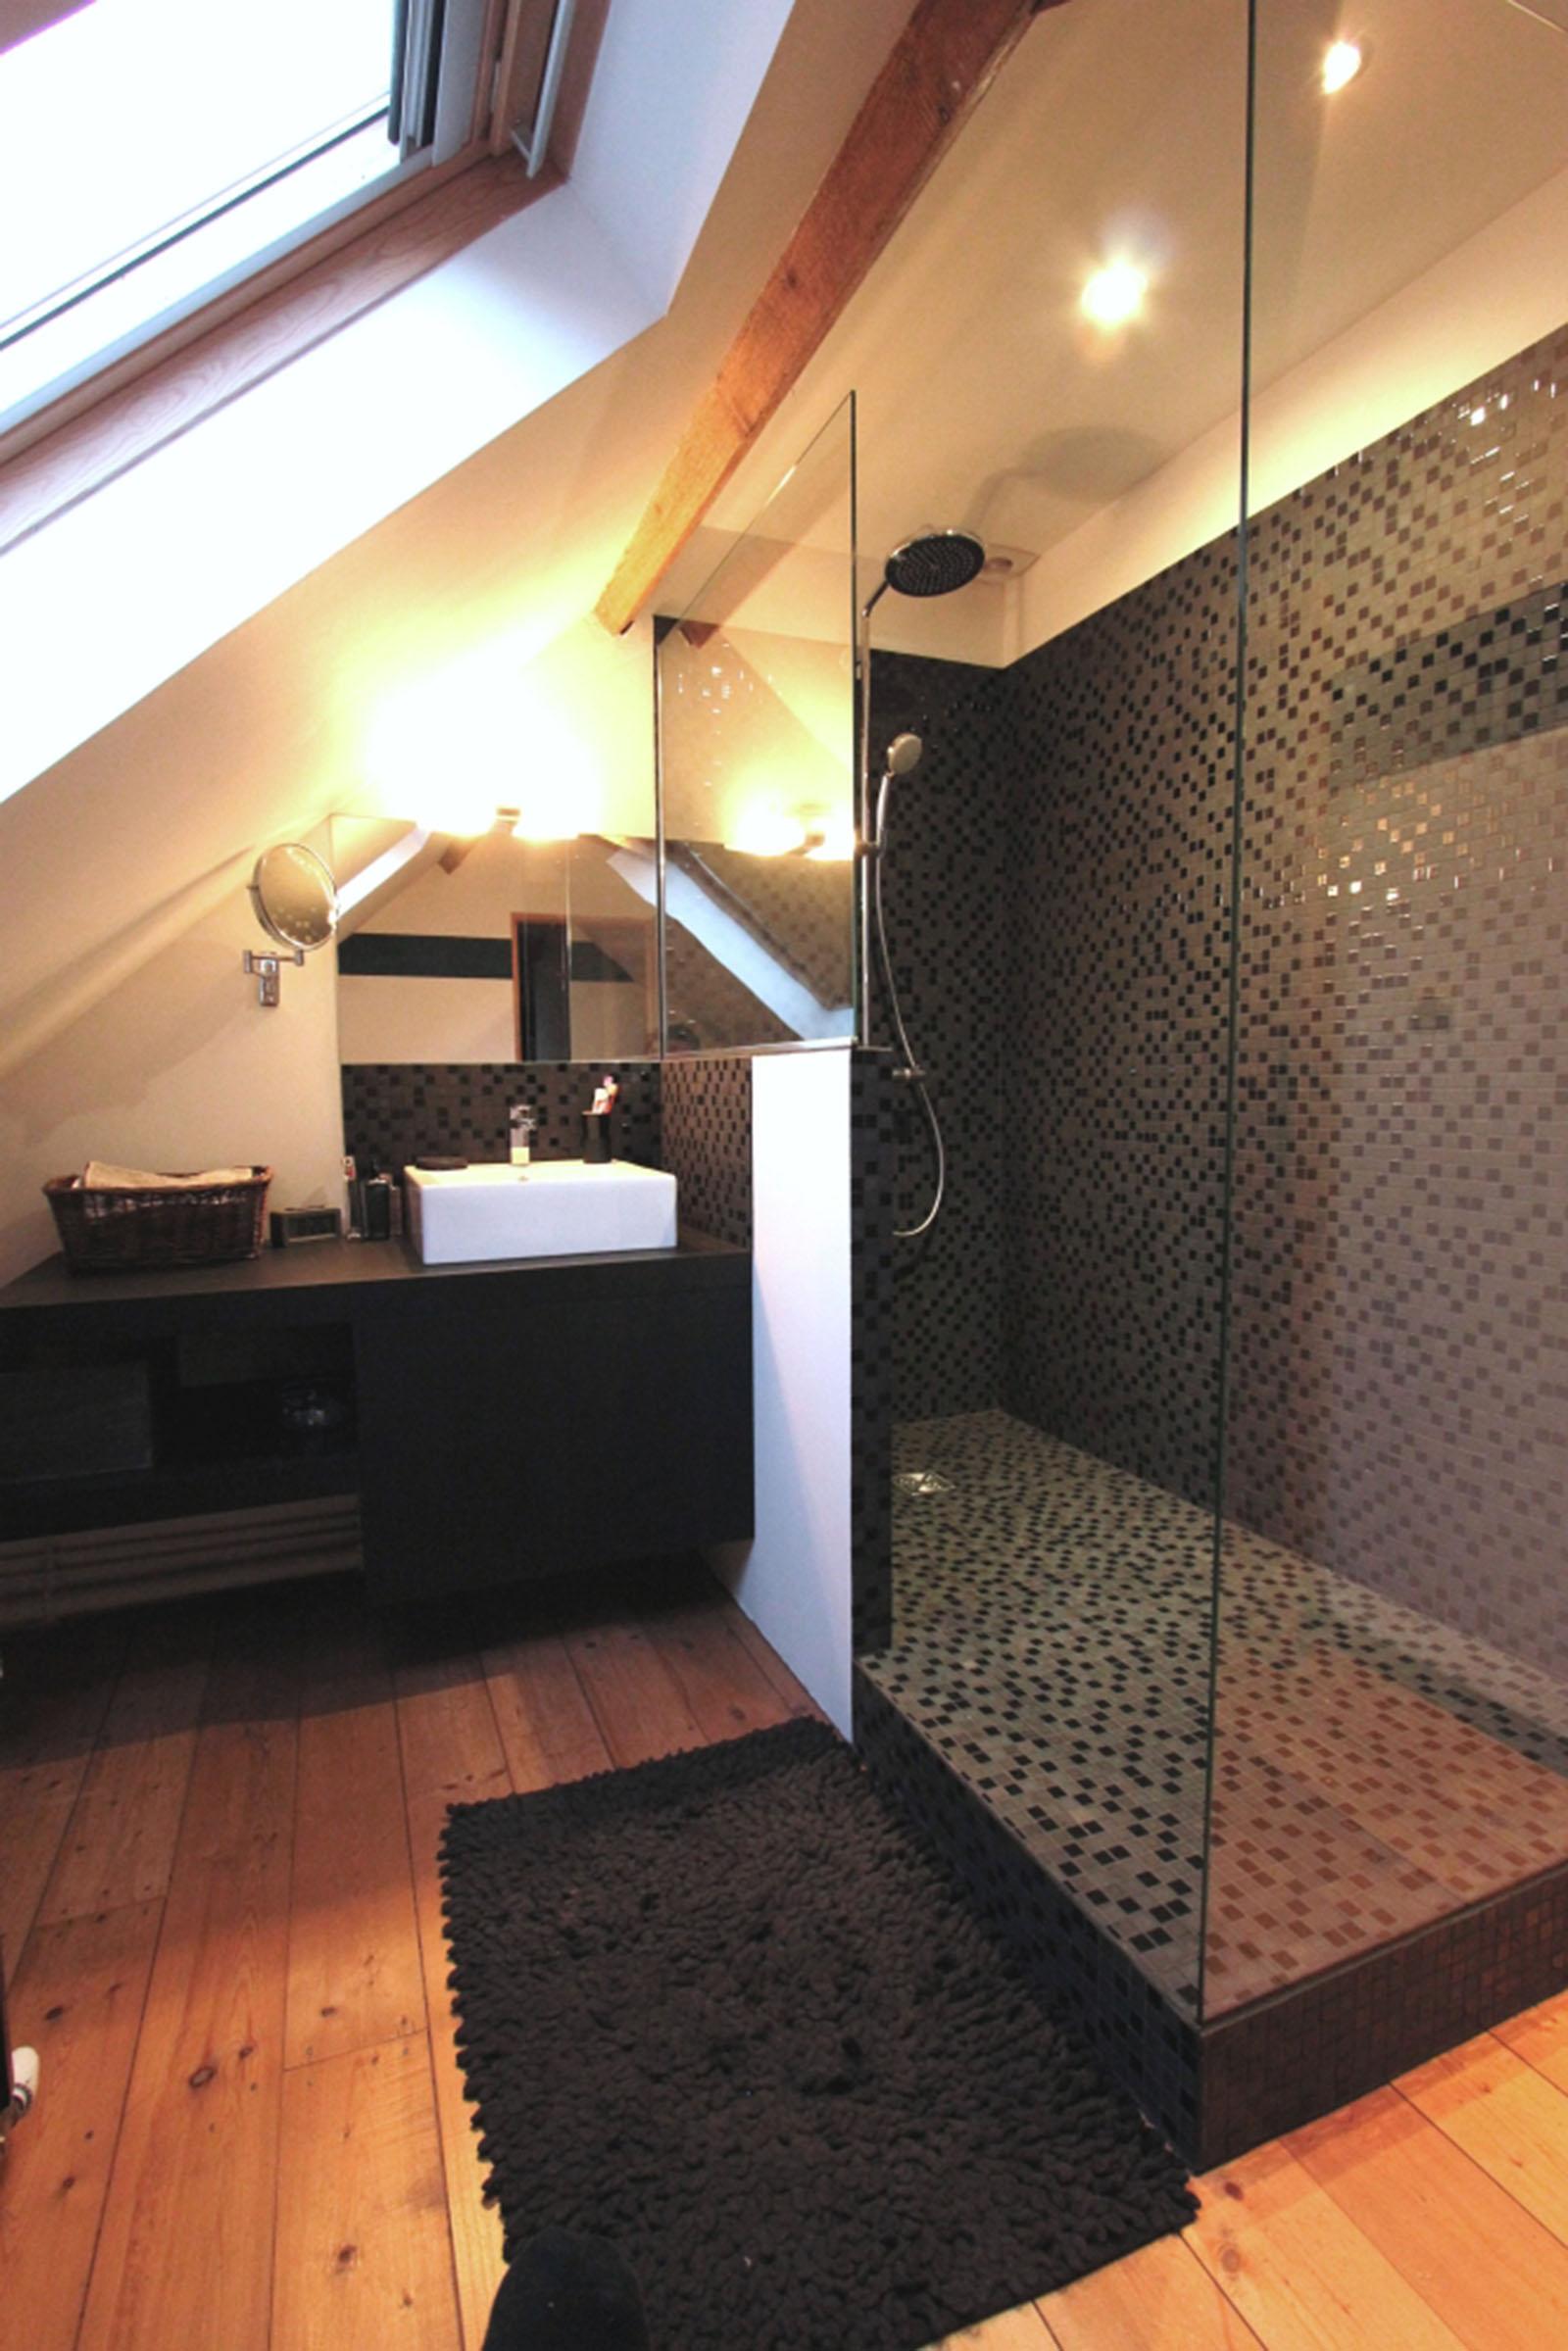 Quelles astuces pour am nager une toute petite salle de bain viving - Gerflor salle de bain ...